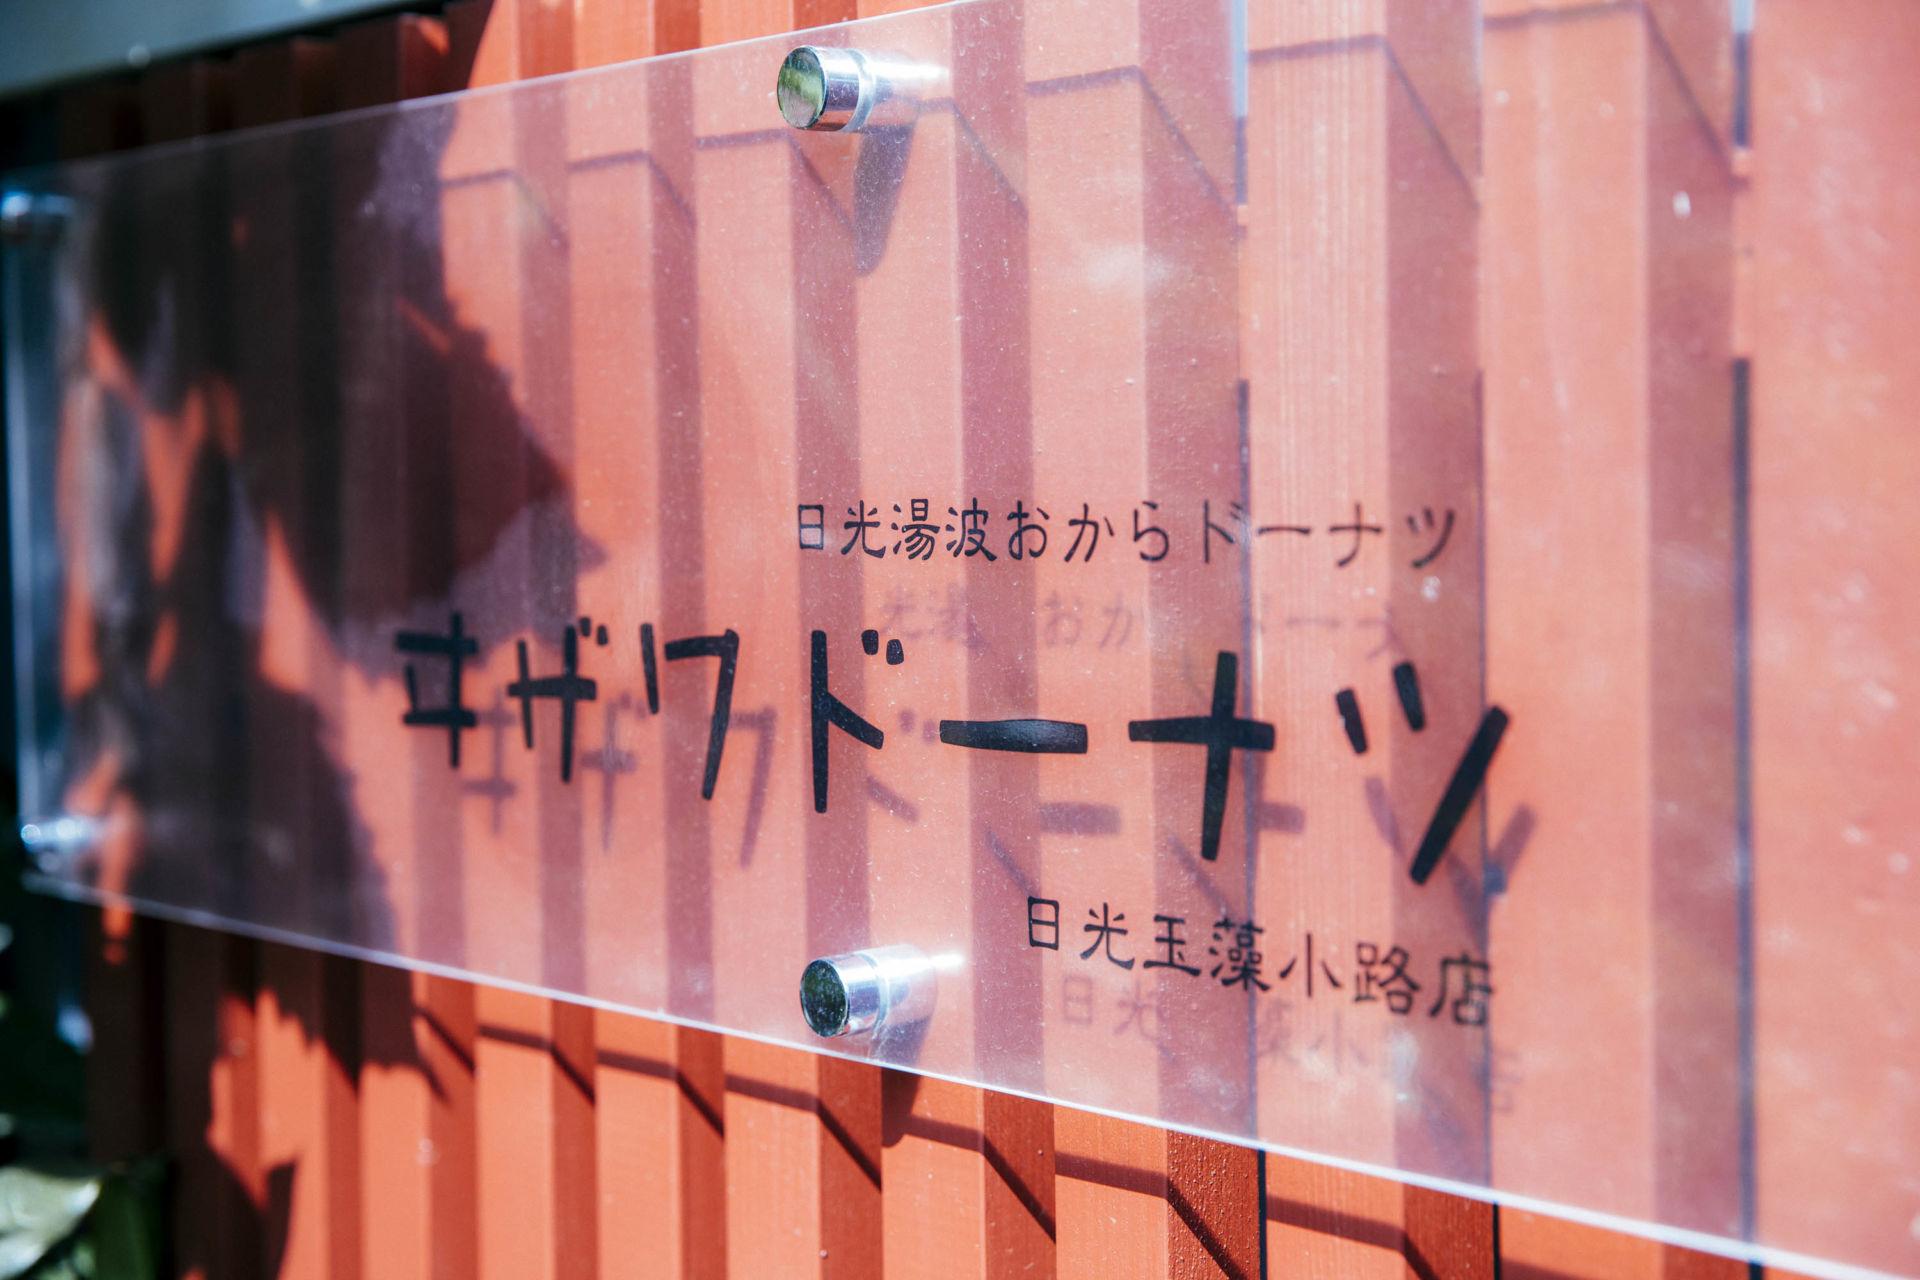 【フォトルポ#1】コムアイが行く!日光市今市の歩き方。スイカン×日光市発の無料映画上映会『名画ニッコウ座』間もなく開催 180307-meiga-nikko-za-9